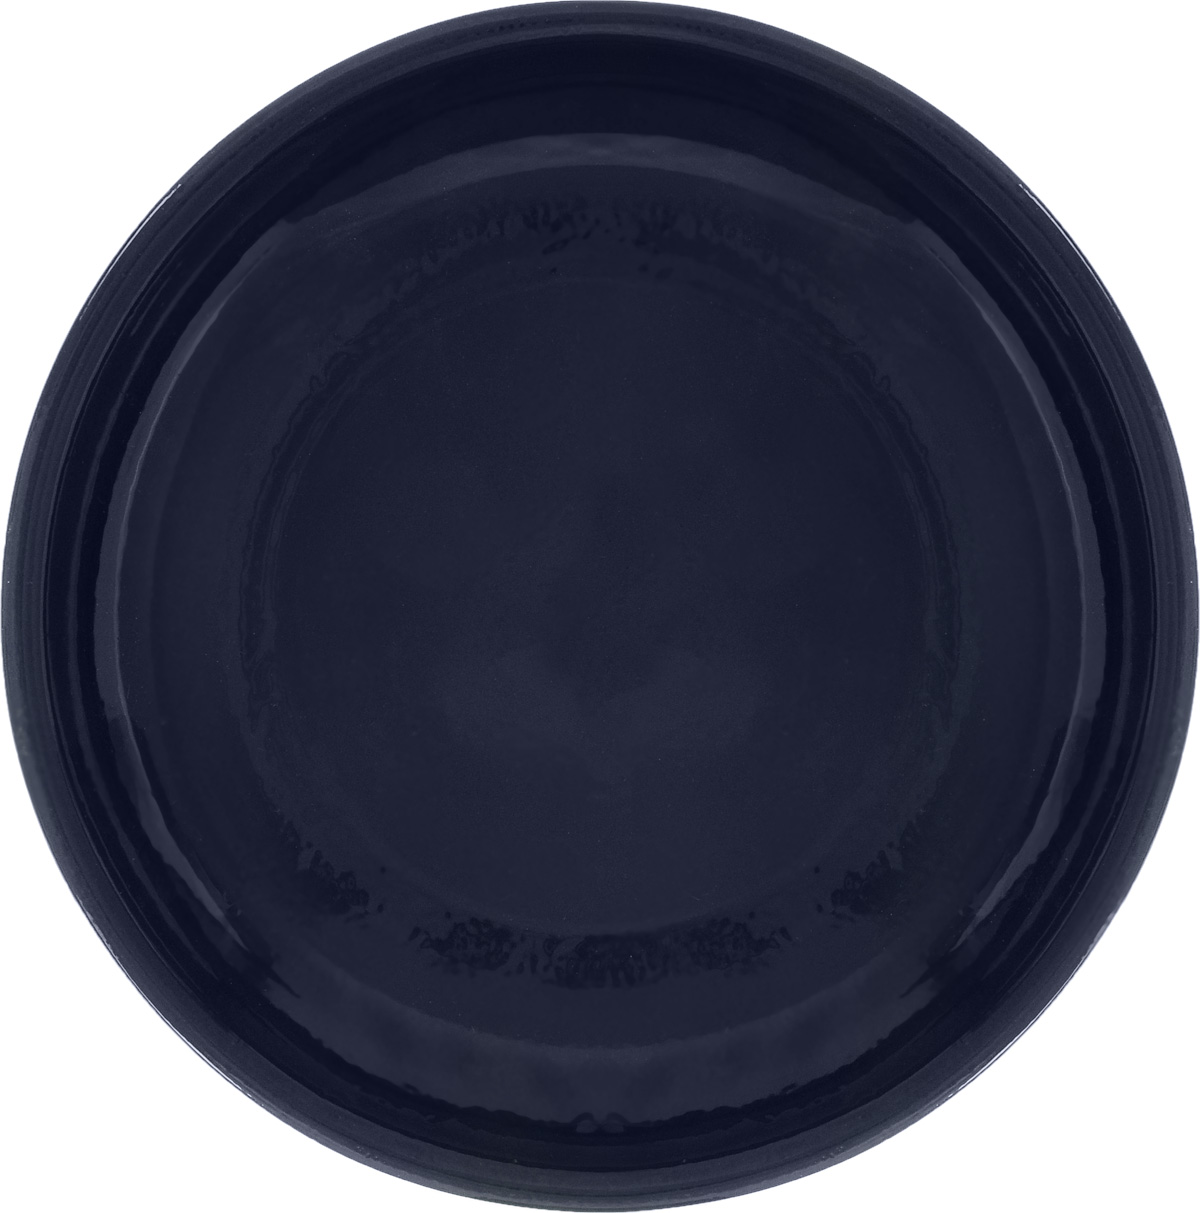 Тарелка Борисовская керамика Радуга, цвет: темно-синий, диаметр 18 смРАД00000458_темно-синийТарелка Борисовская керамика Радуга, изготовленная из глины, имеет изысканный внешний вид. Лаконичный дизайн придется по вкусу и ценителям классики, и тем, кто предпочитает утонченность. Такая тарелка идеально подойдет для сервировки стола, а также для запекания вторых блюд в духовке.Тарелка Борисовская керамика Радуга впишется в любой интерьер современной кухни и станет отличным подарком для вас и ваших близких.Можно использовать в микроволновой печи и духовке. Диаметр (по верхнему краю): 18 см.